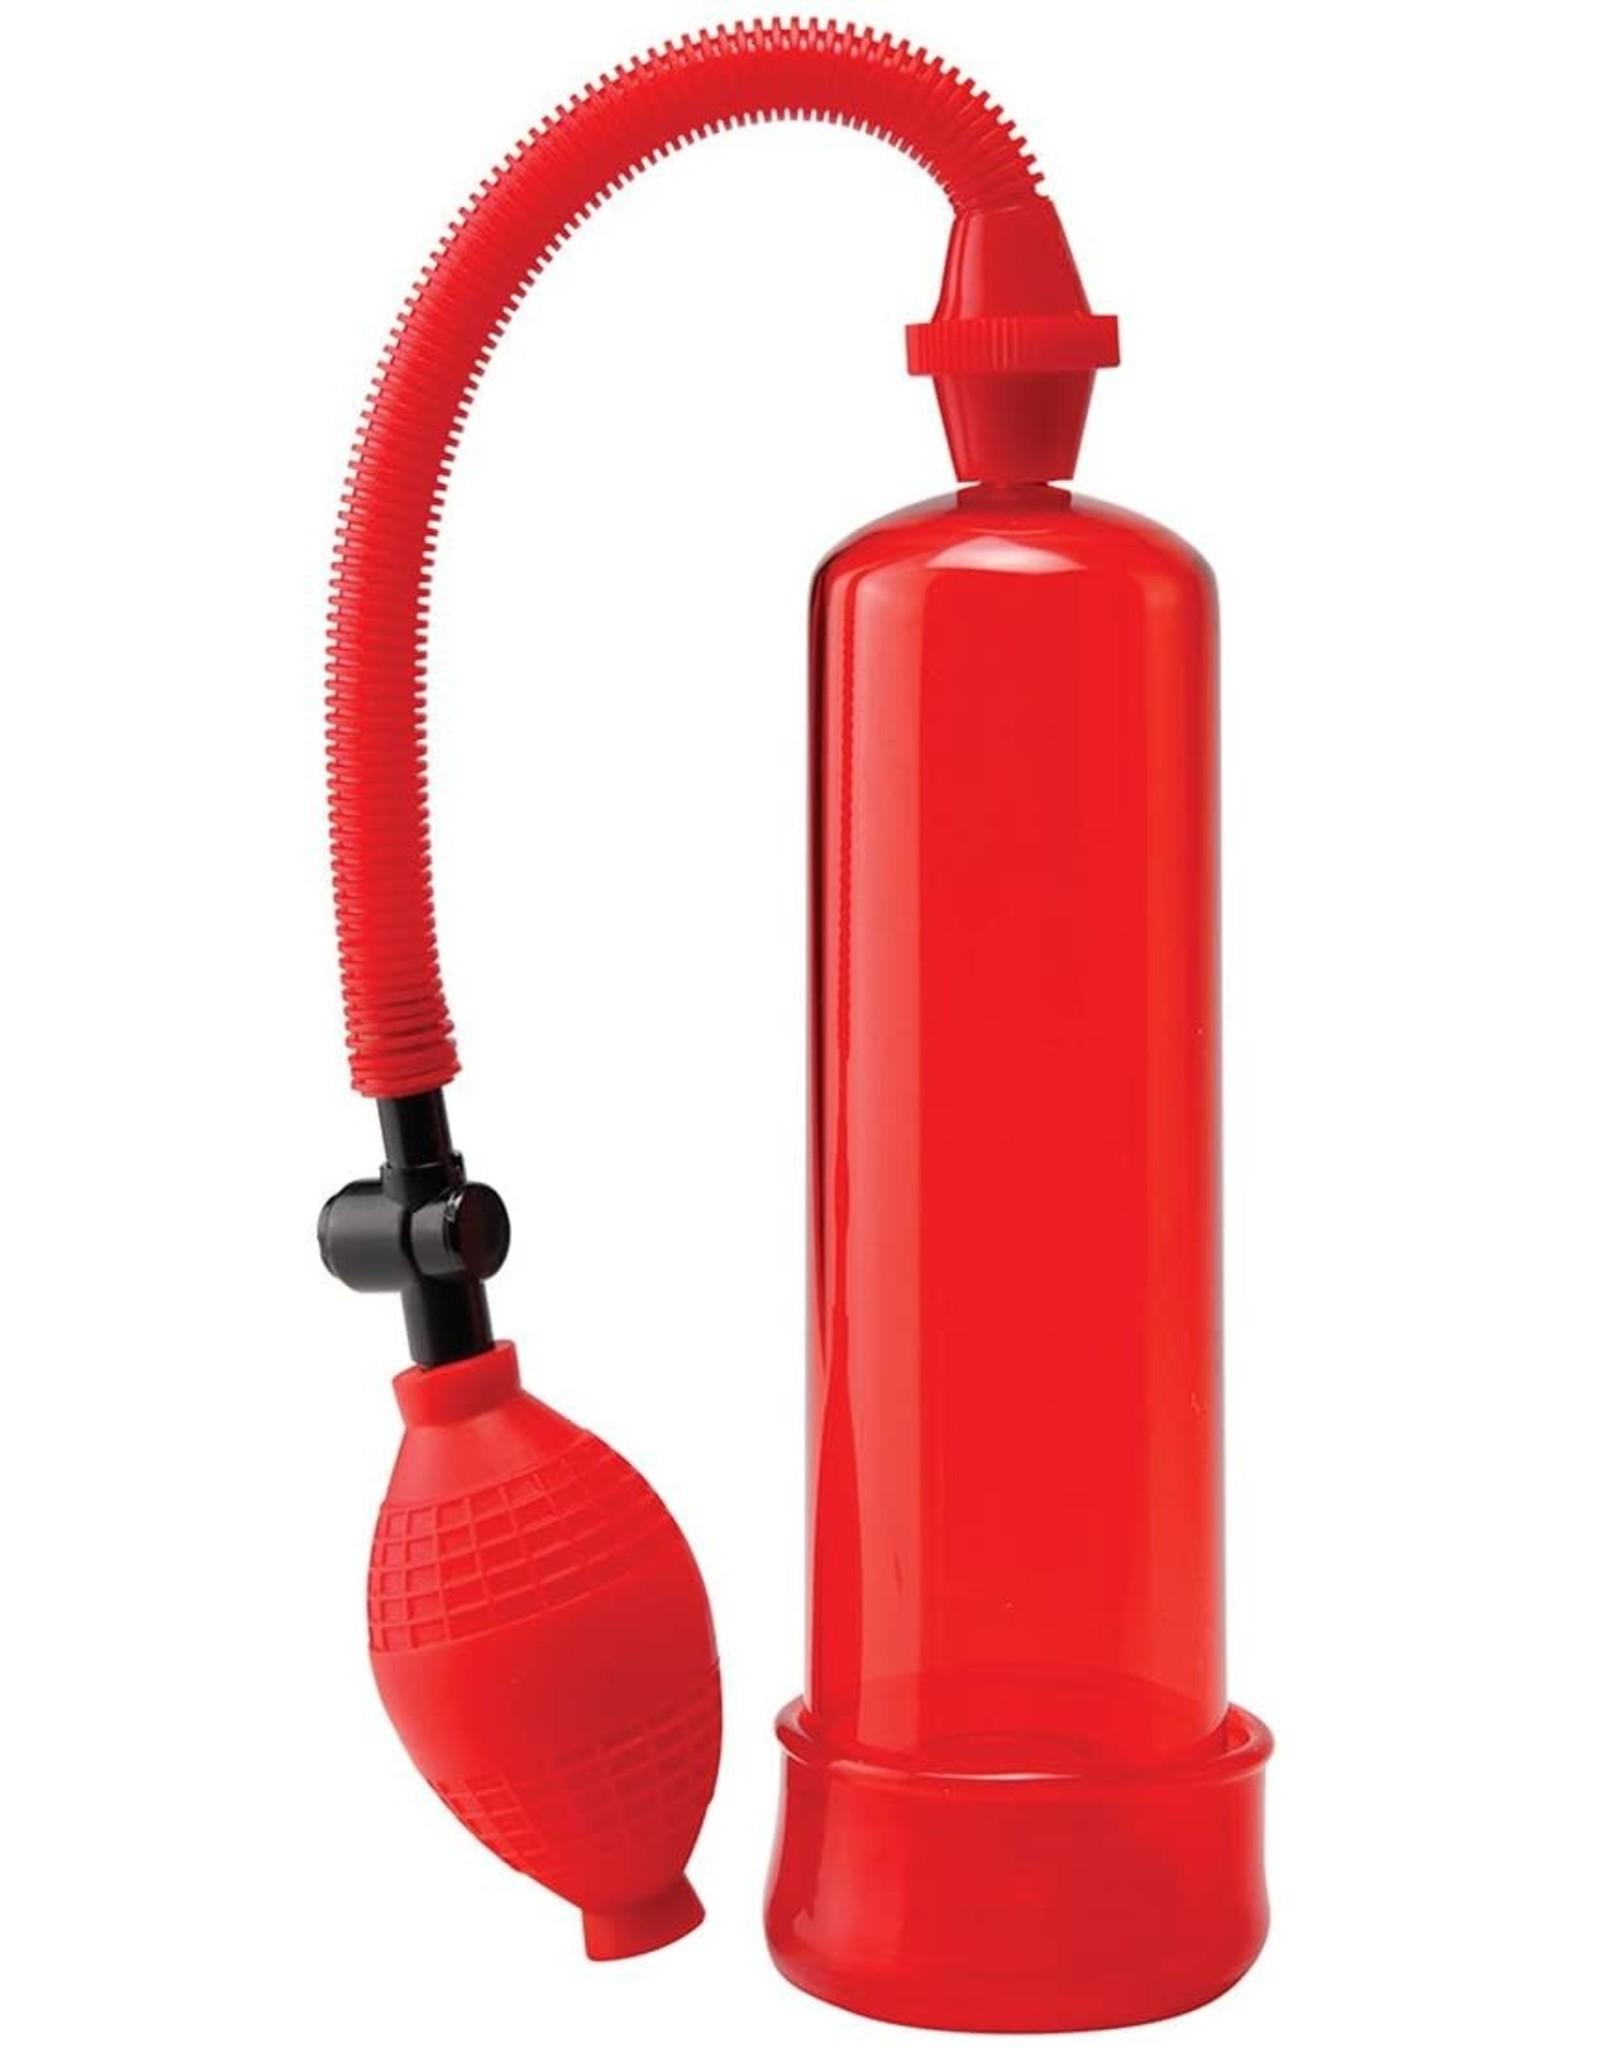 PIPEDREAM - PUMP WORX BEGINNER'S POWER PUMP - RED